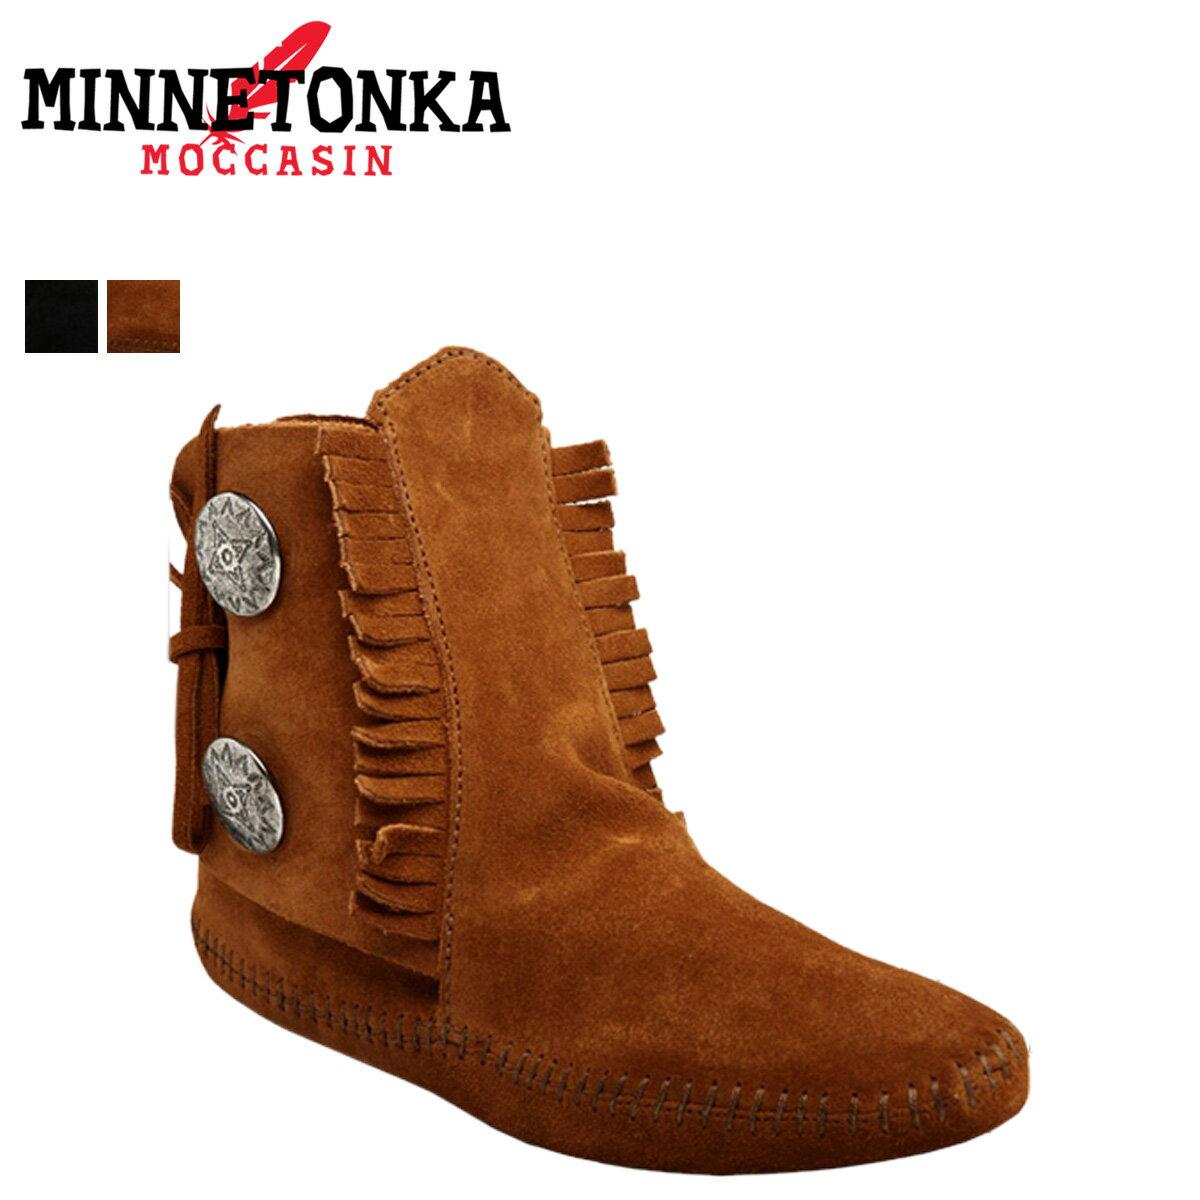 ミネトンカ MINNETONKA 2ボタン ブーツ ソフトソール TWO BUTTON BOOT SOFT SOLE レディース